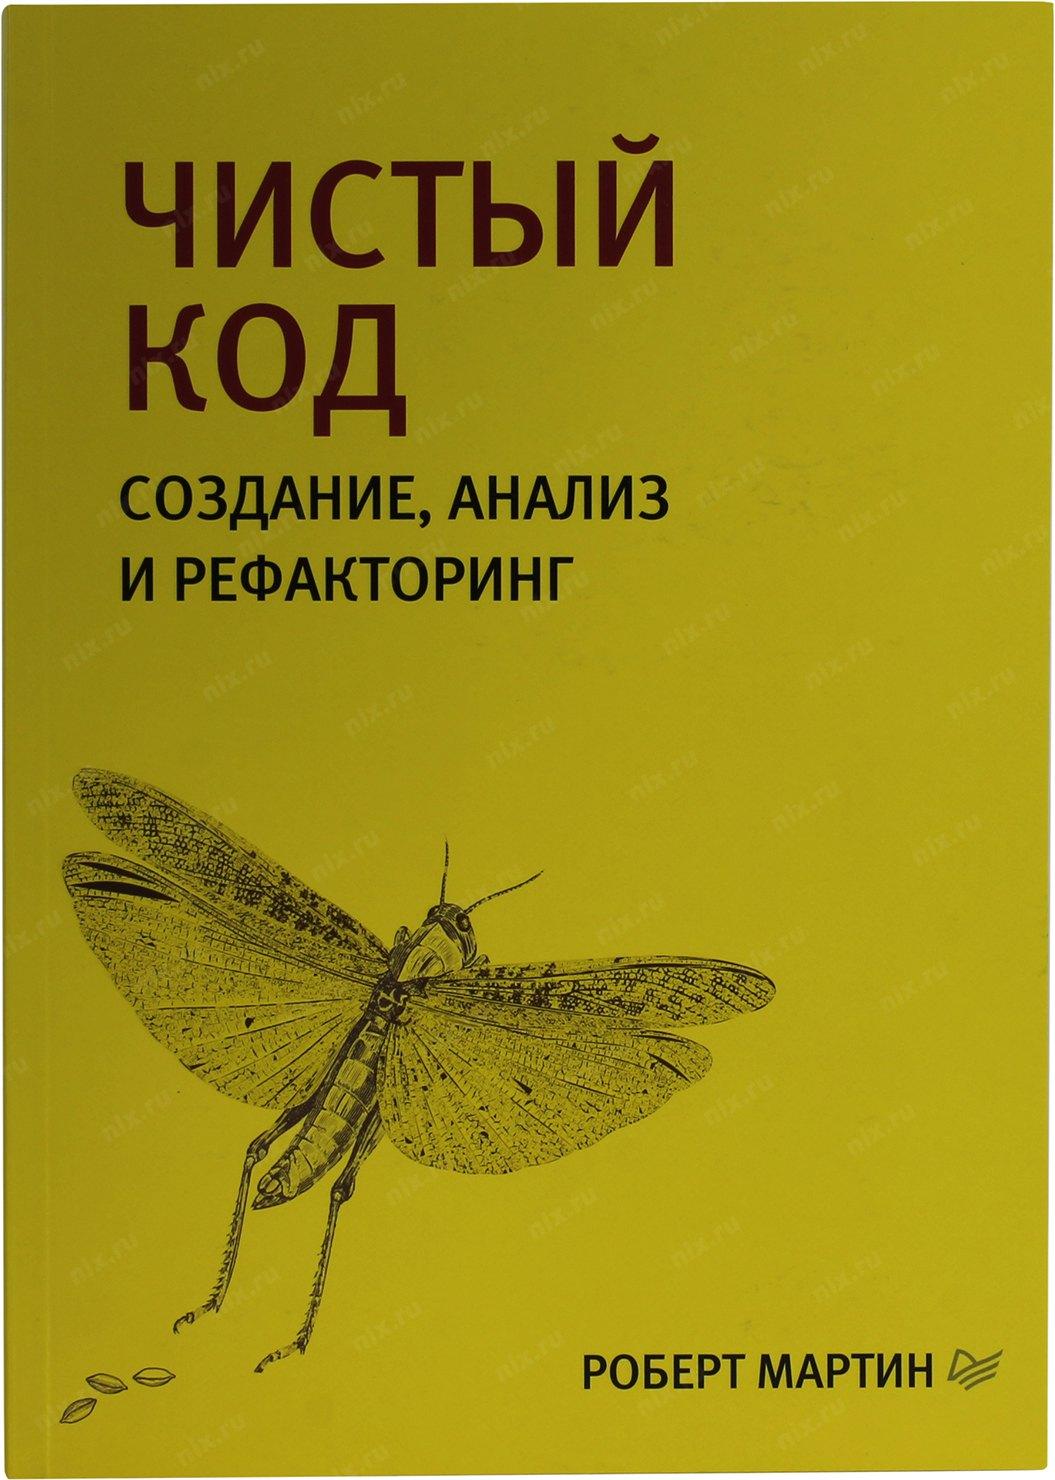 """Книга """"чистый код: создание, анализ и рефакторинг"""" мартин роберт."""